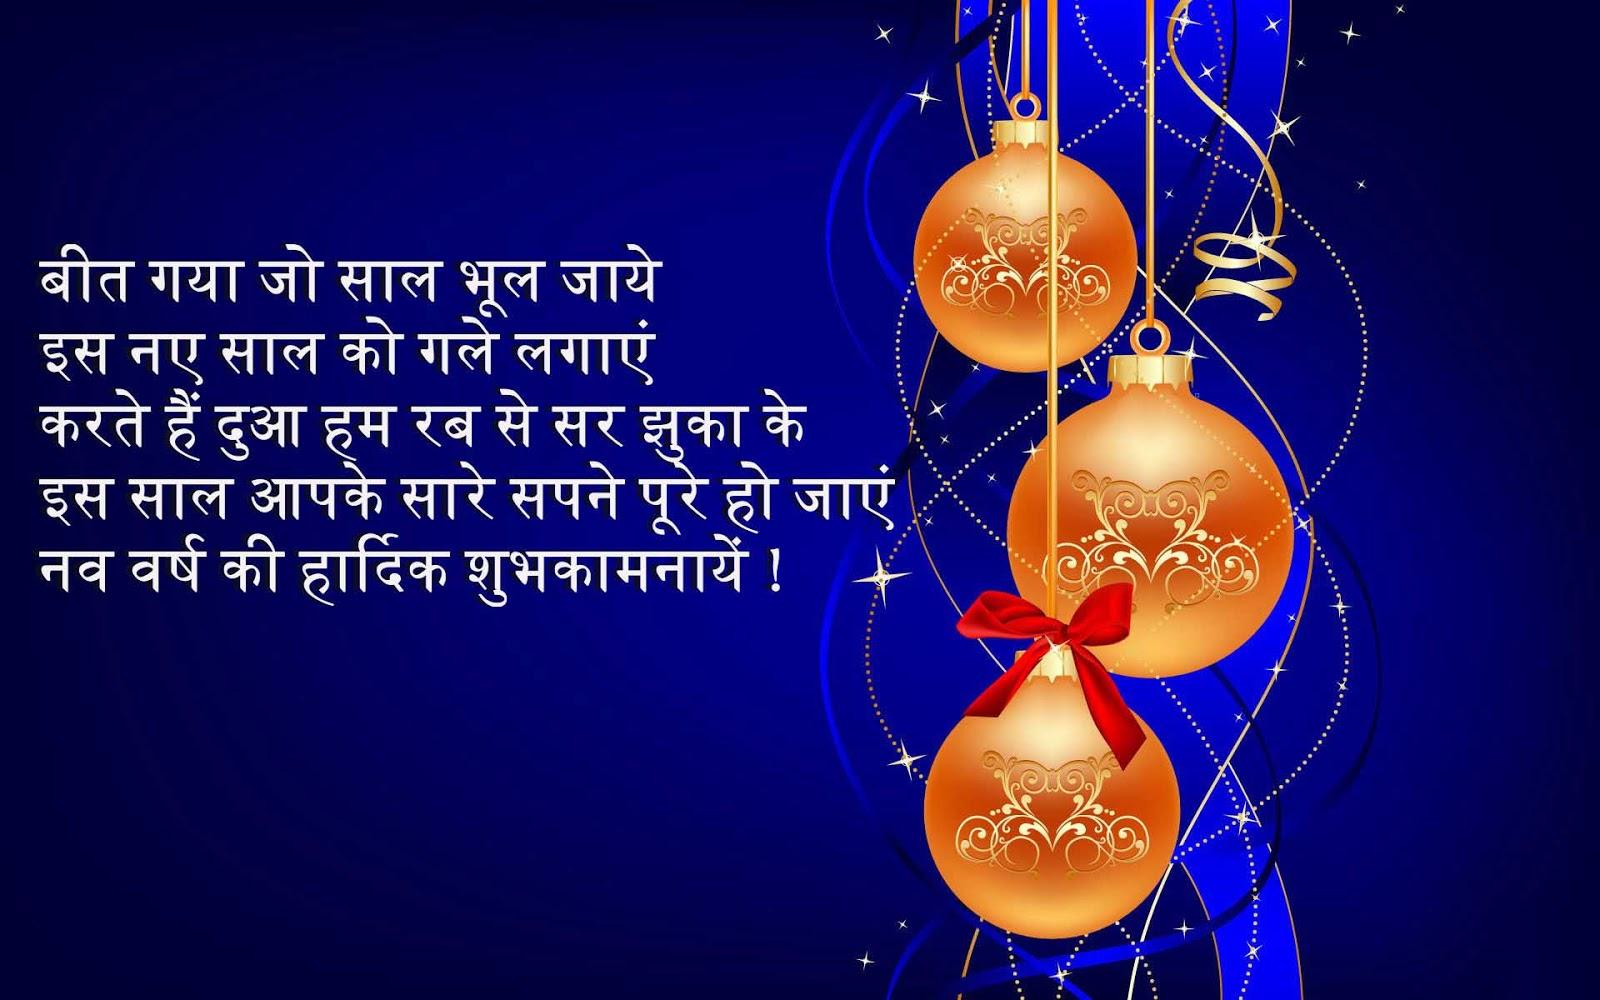 {Best} Happy New Year SMS for Lover, Girlfriend, Boyfriend ...